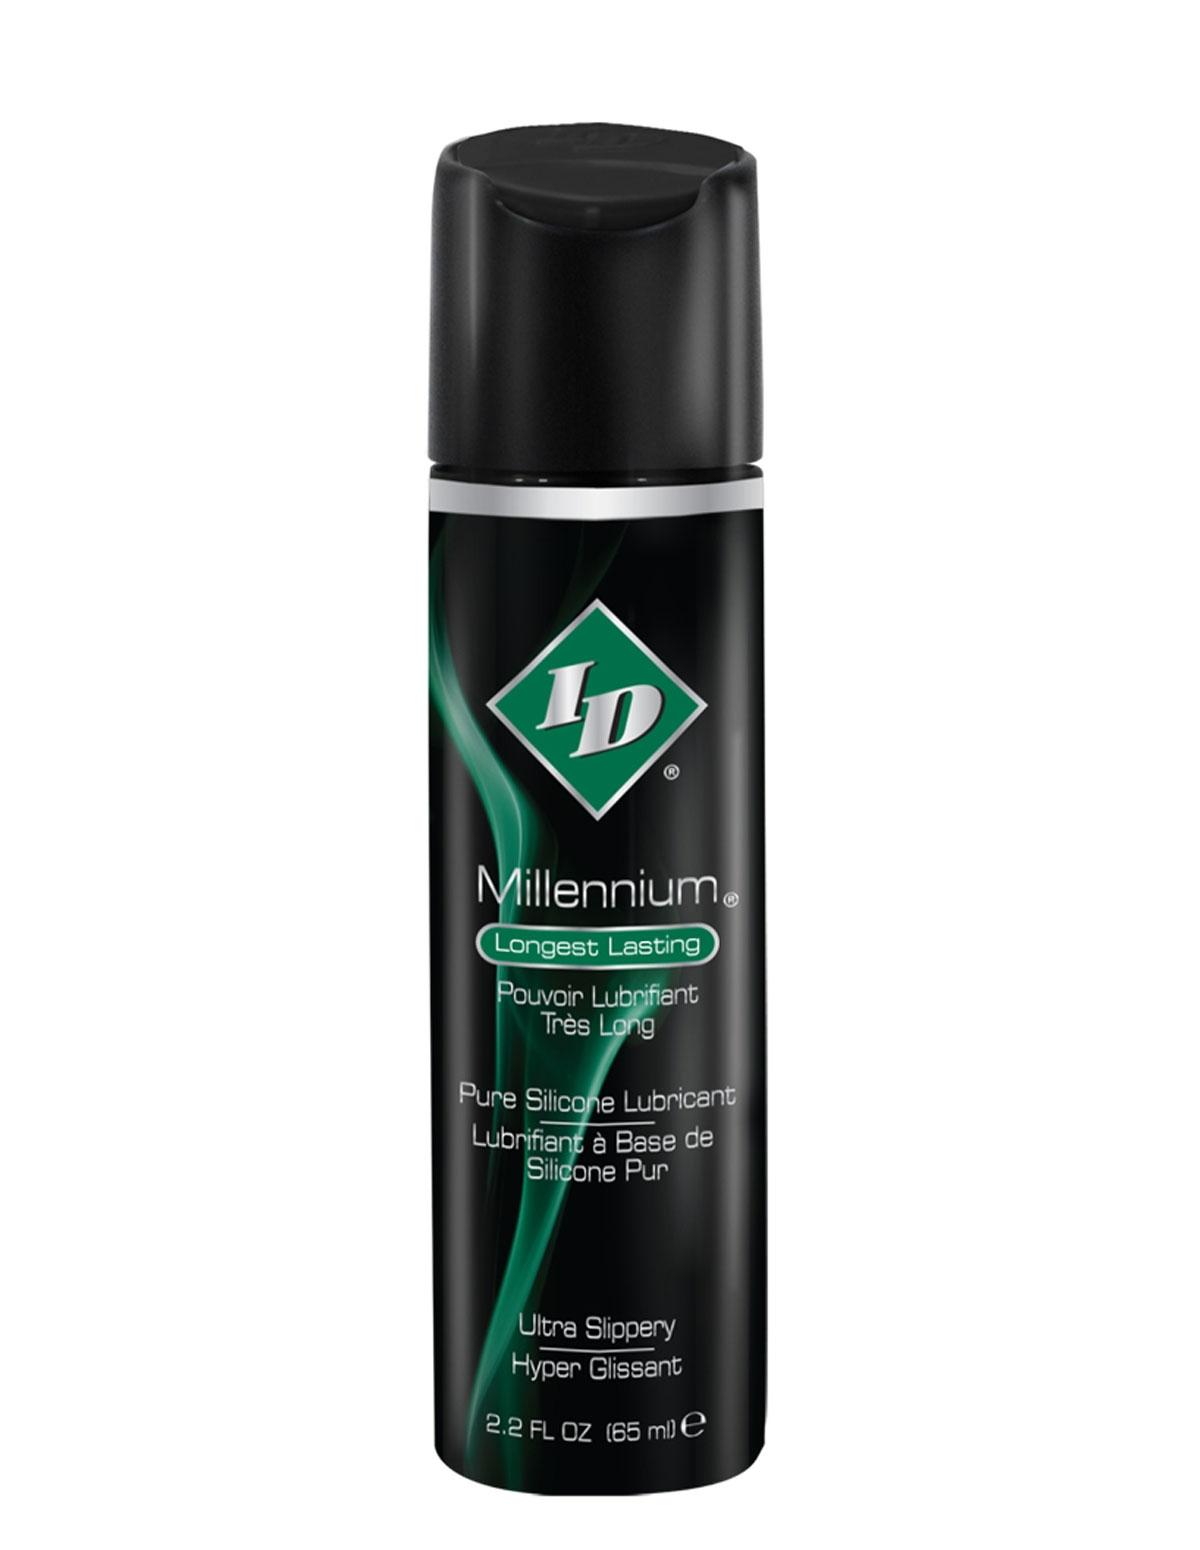 Id Millennium Lubricant 2.2 Oz